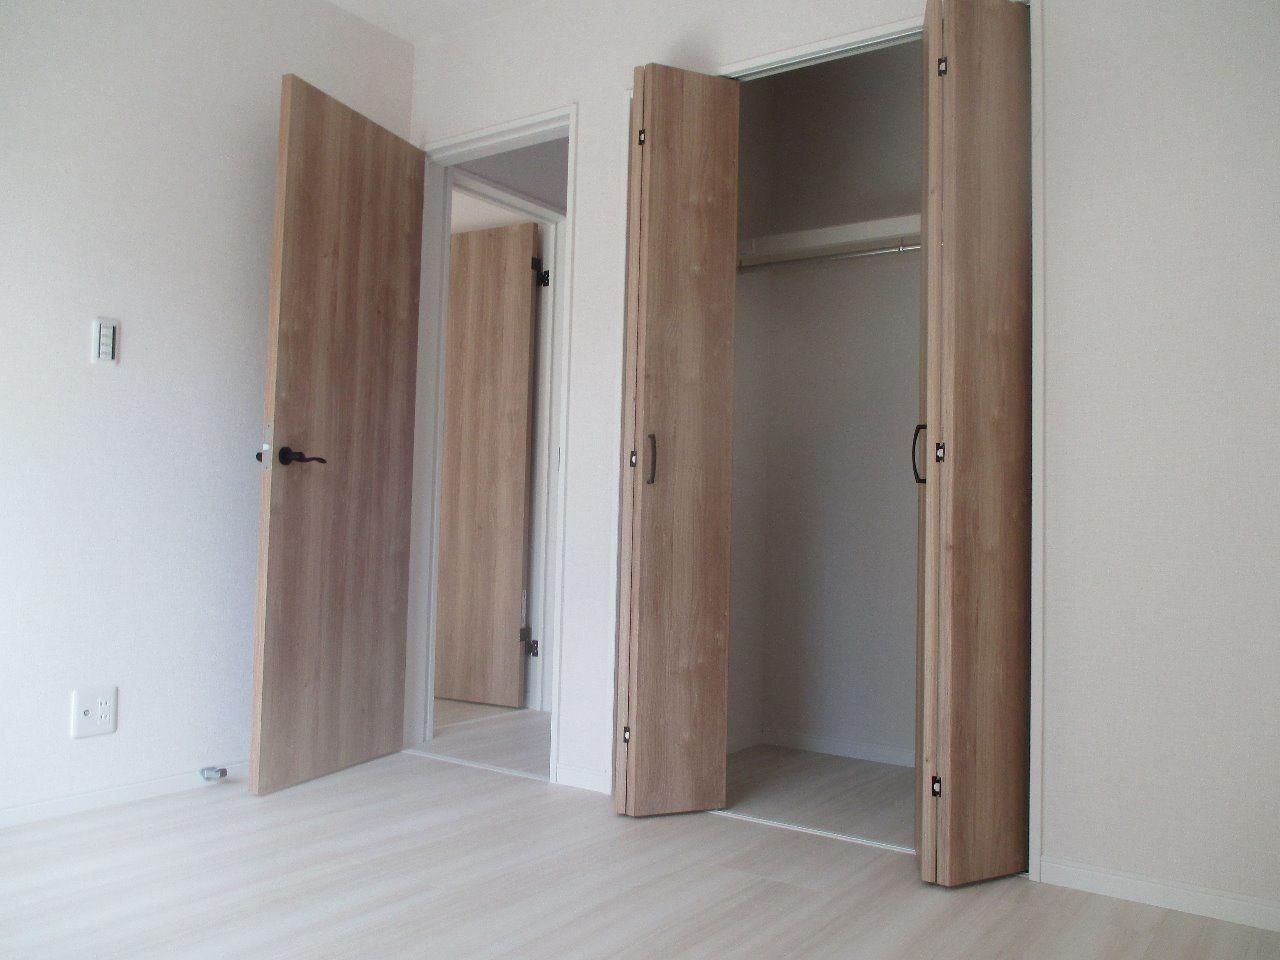 各室に大きな収納があります。収納はいくらあっても足りません。